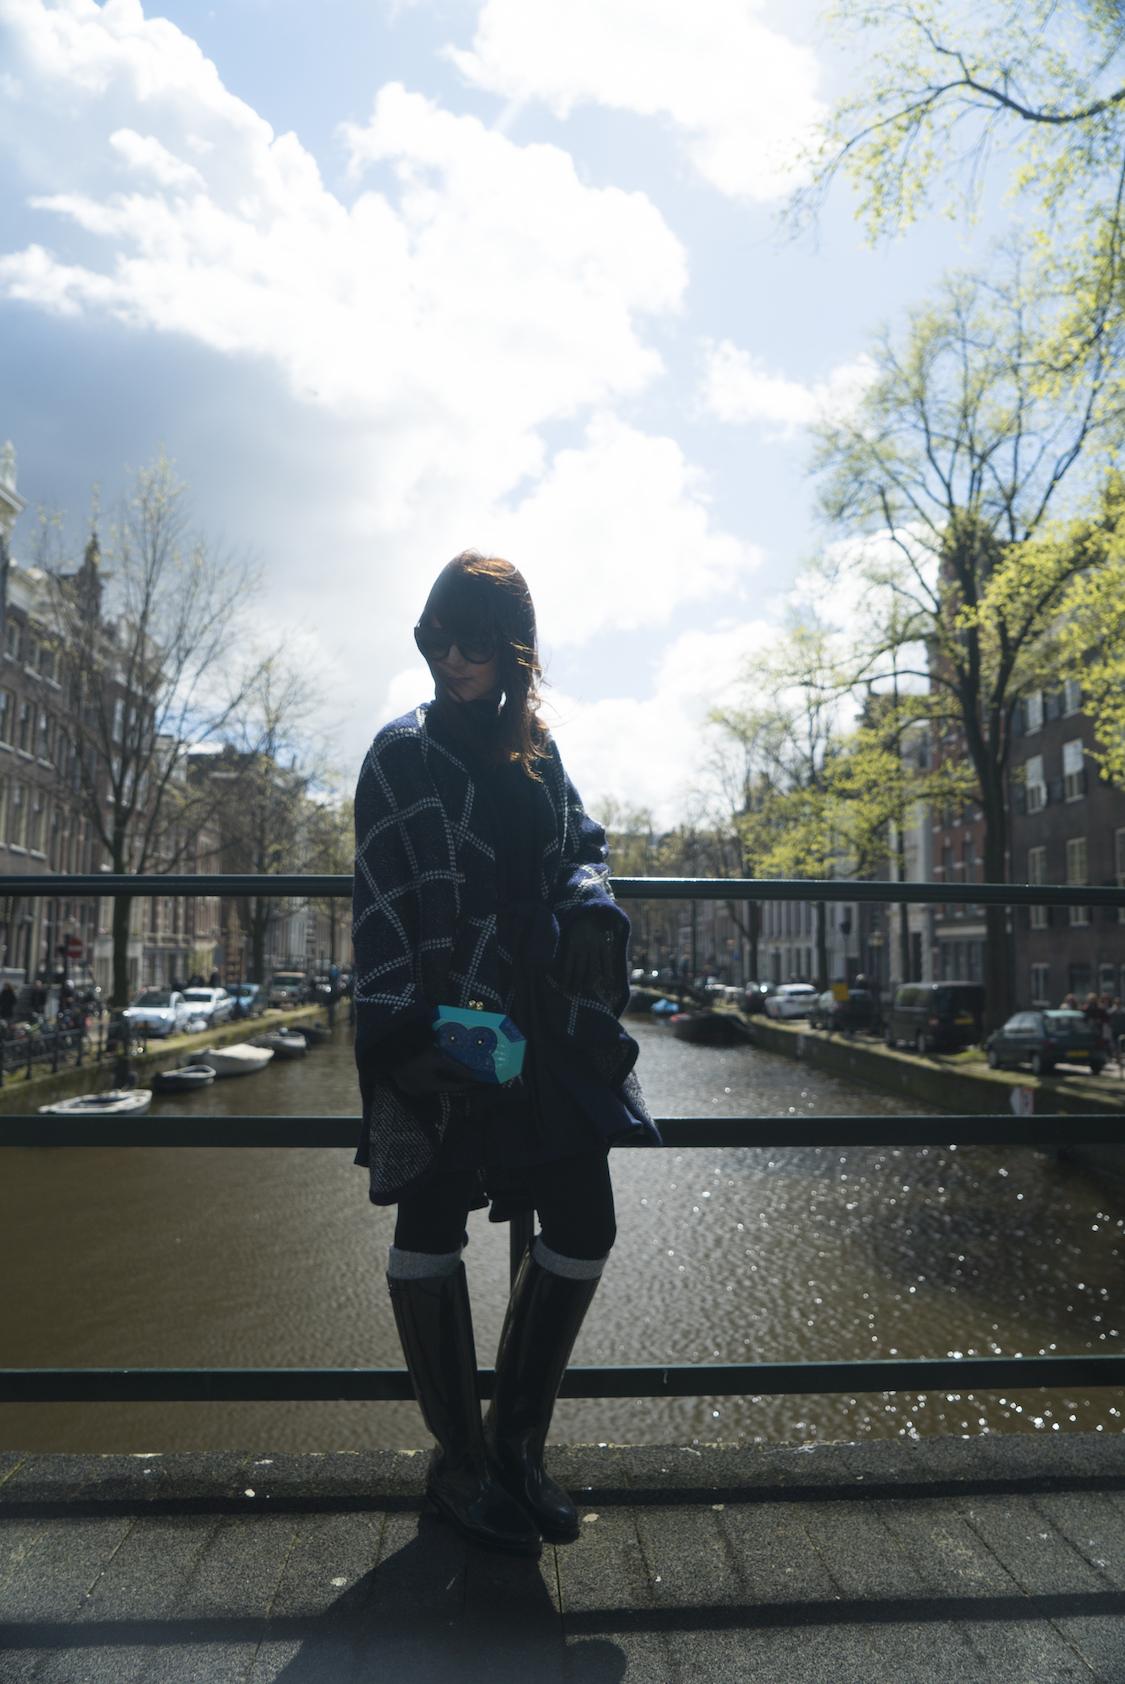 dia-de-pedalar-em-amsterdam-look-danielle-noce-9